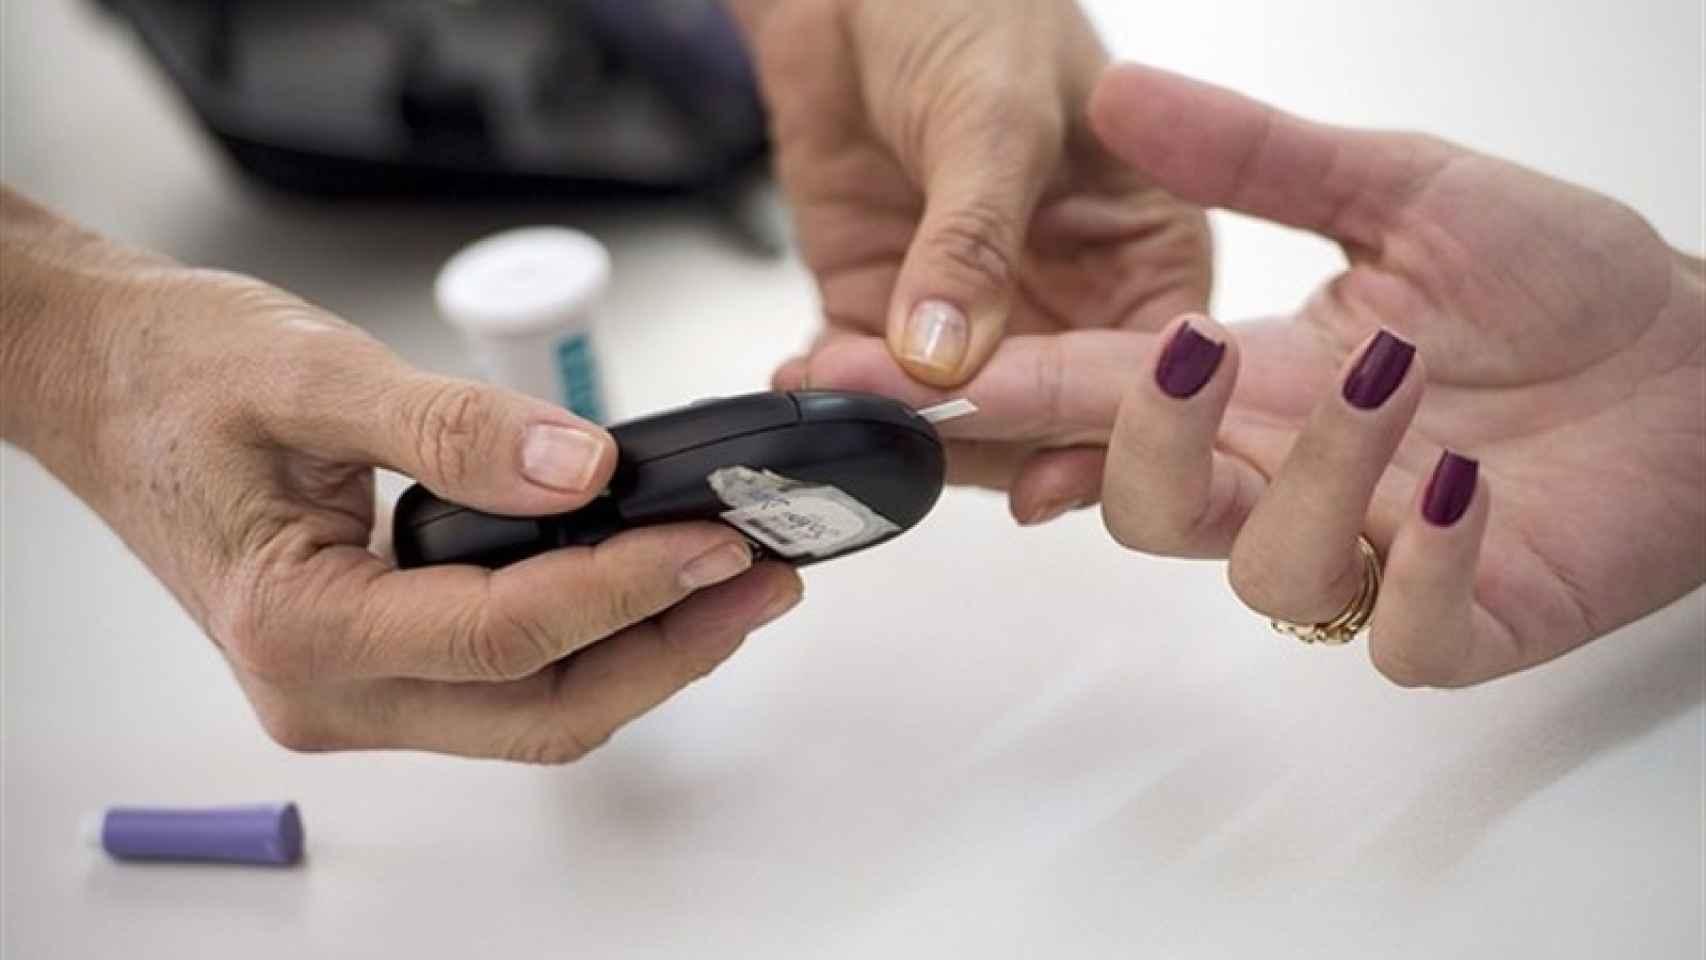 La OMS alerta: 422 millones de personas padecen diabetes